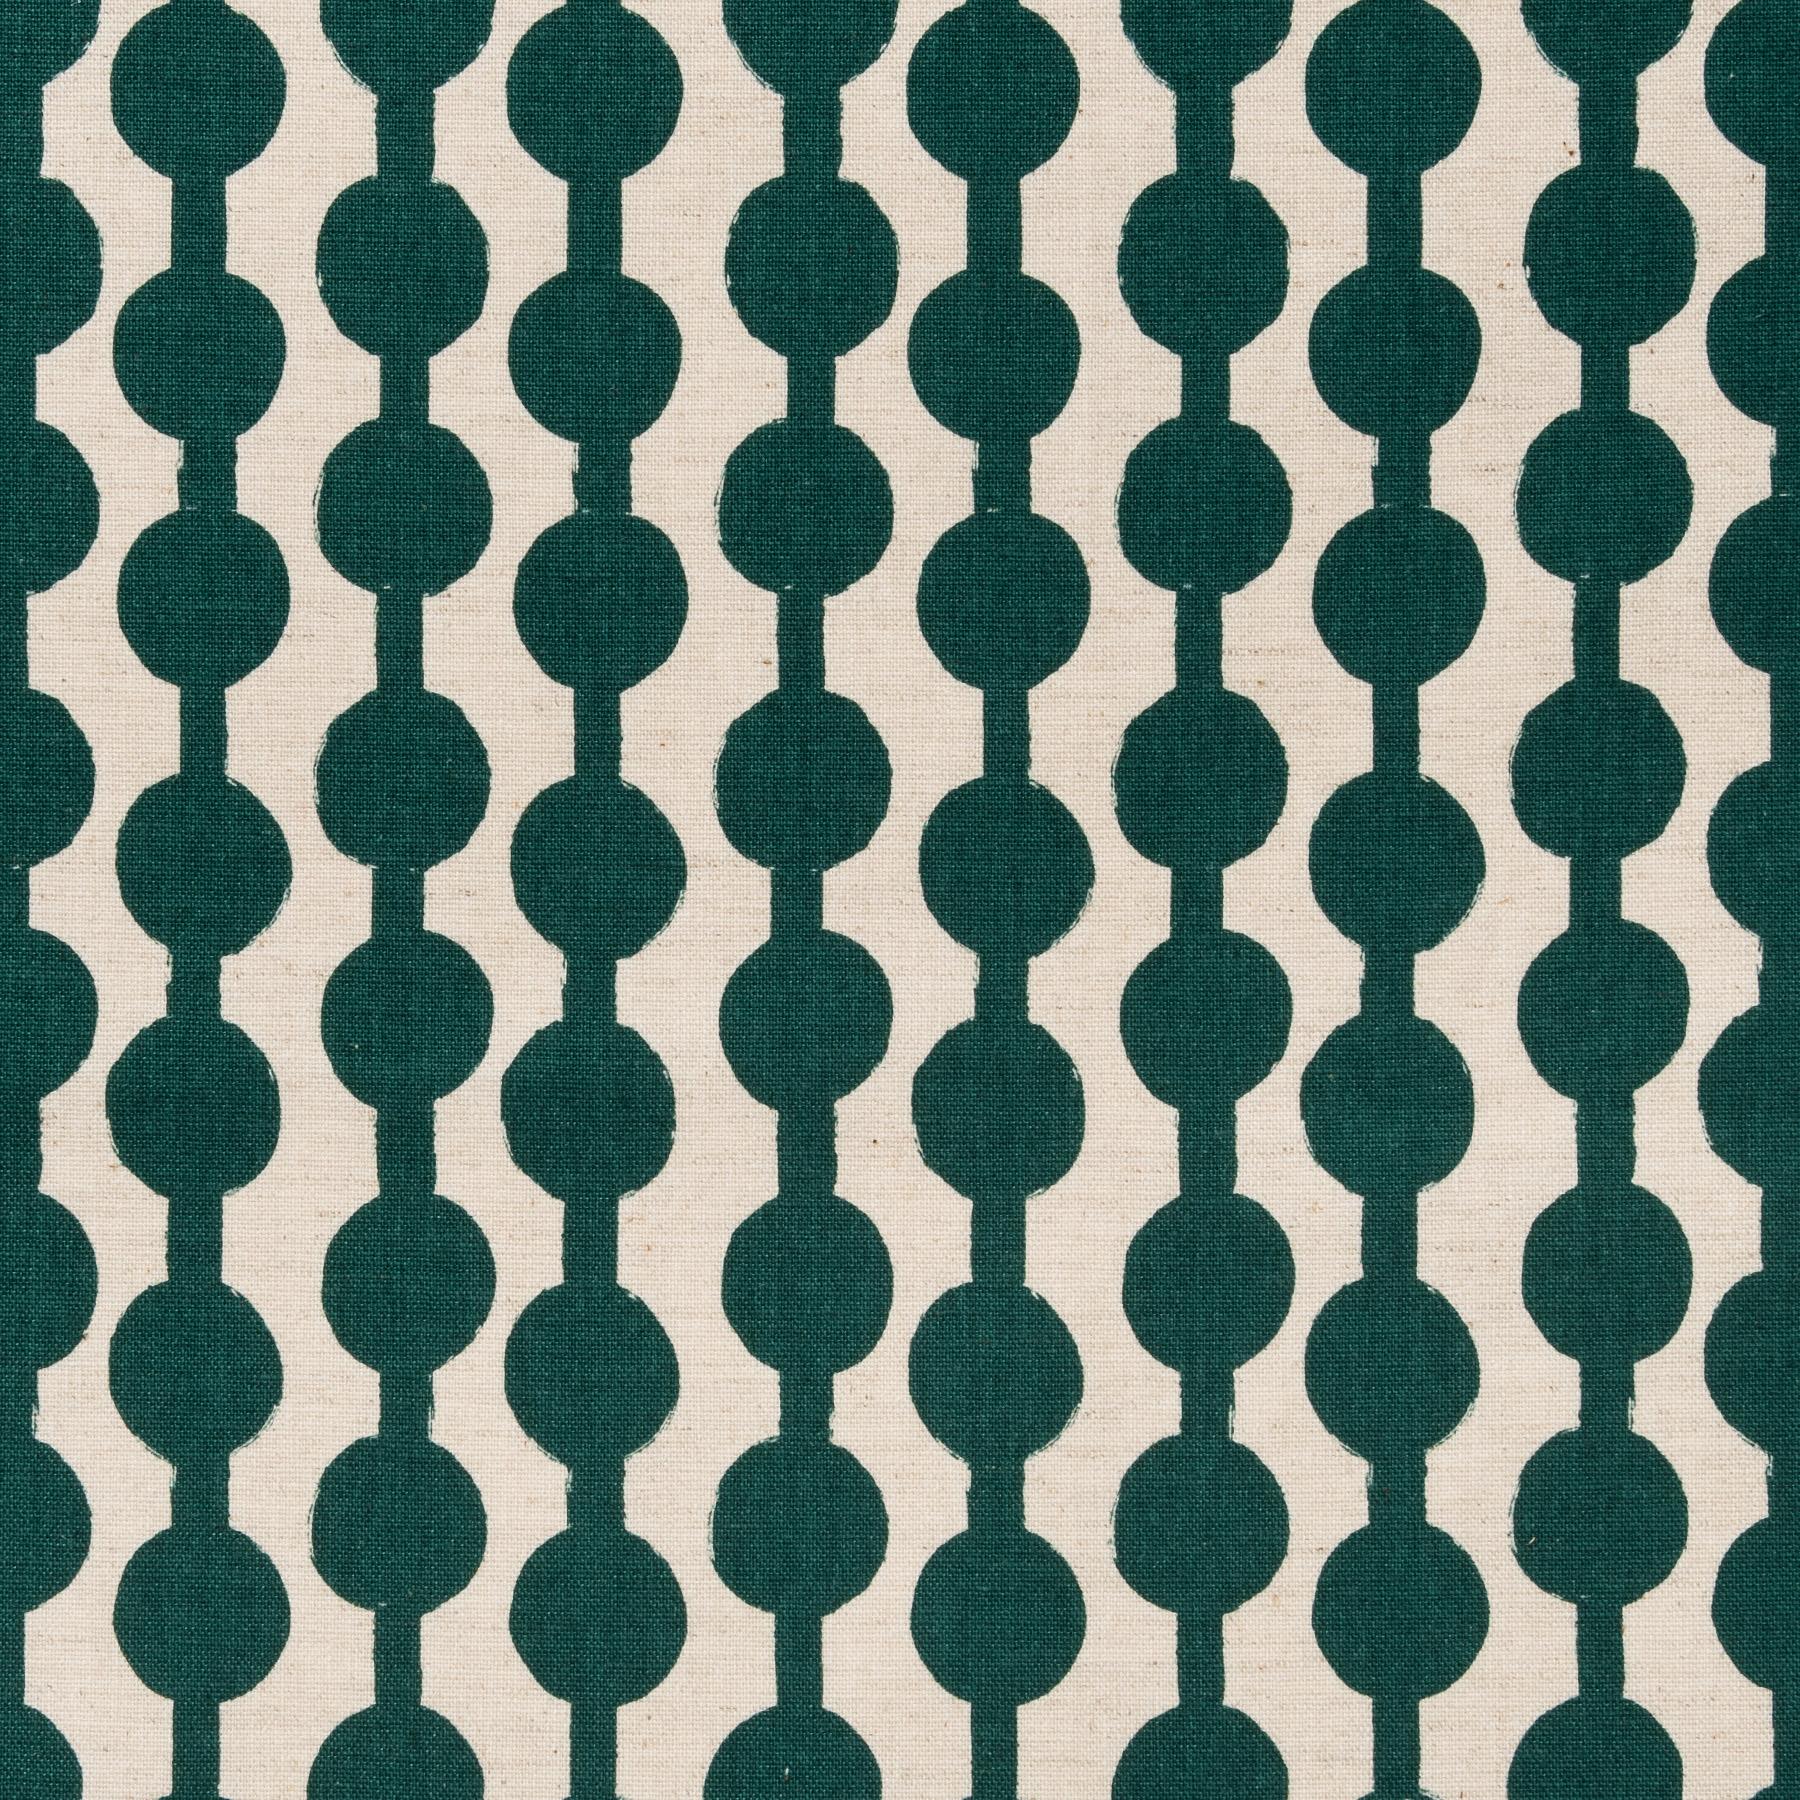 Baumwolle Leinen Canvas grafisches Muster in grün